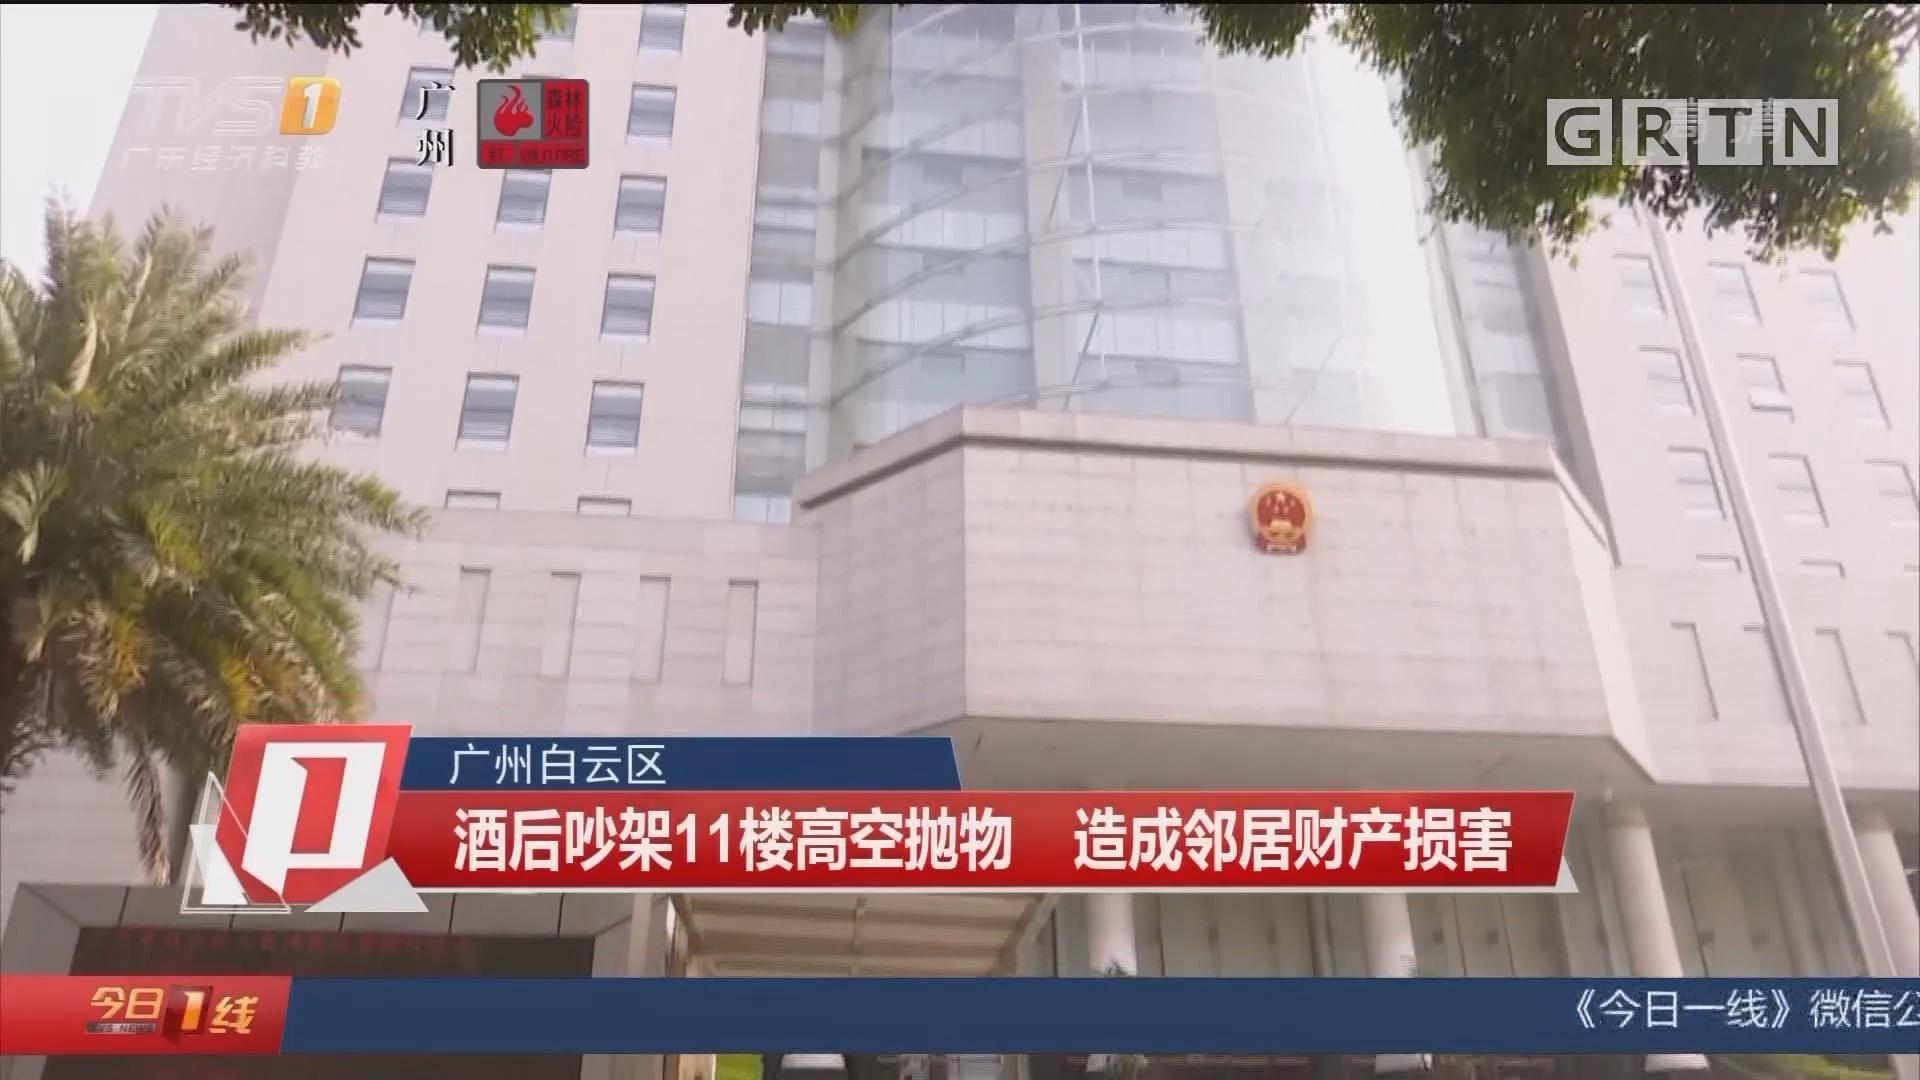 广州白云区:酒后吵架11楼高空抛物 造成邻居财产损害